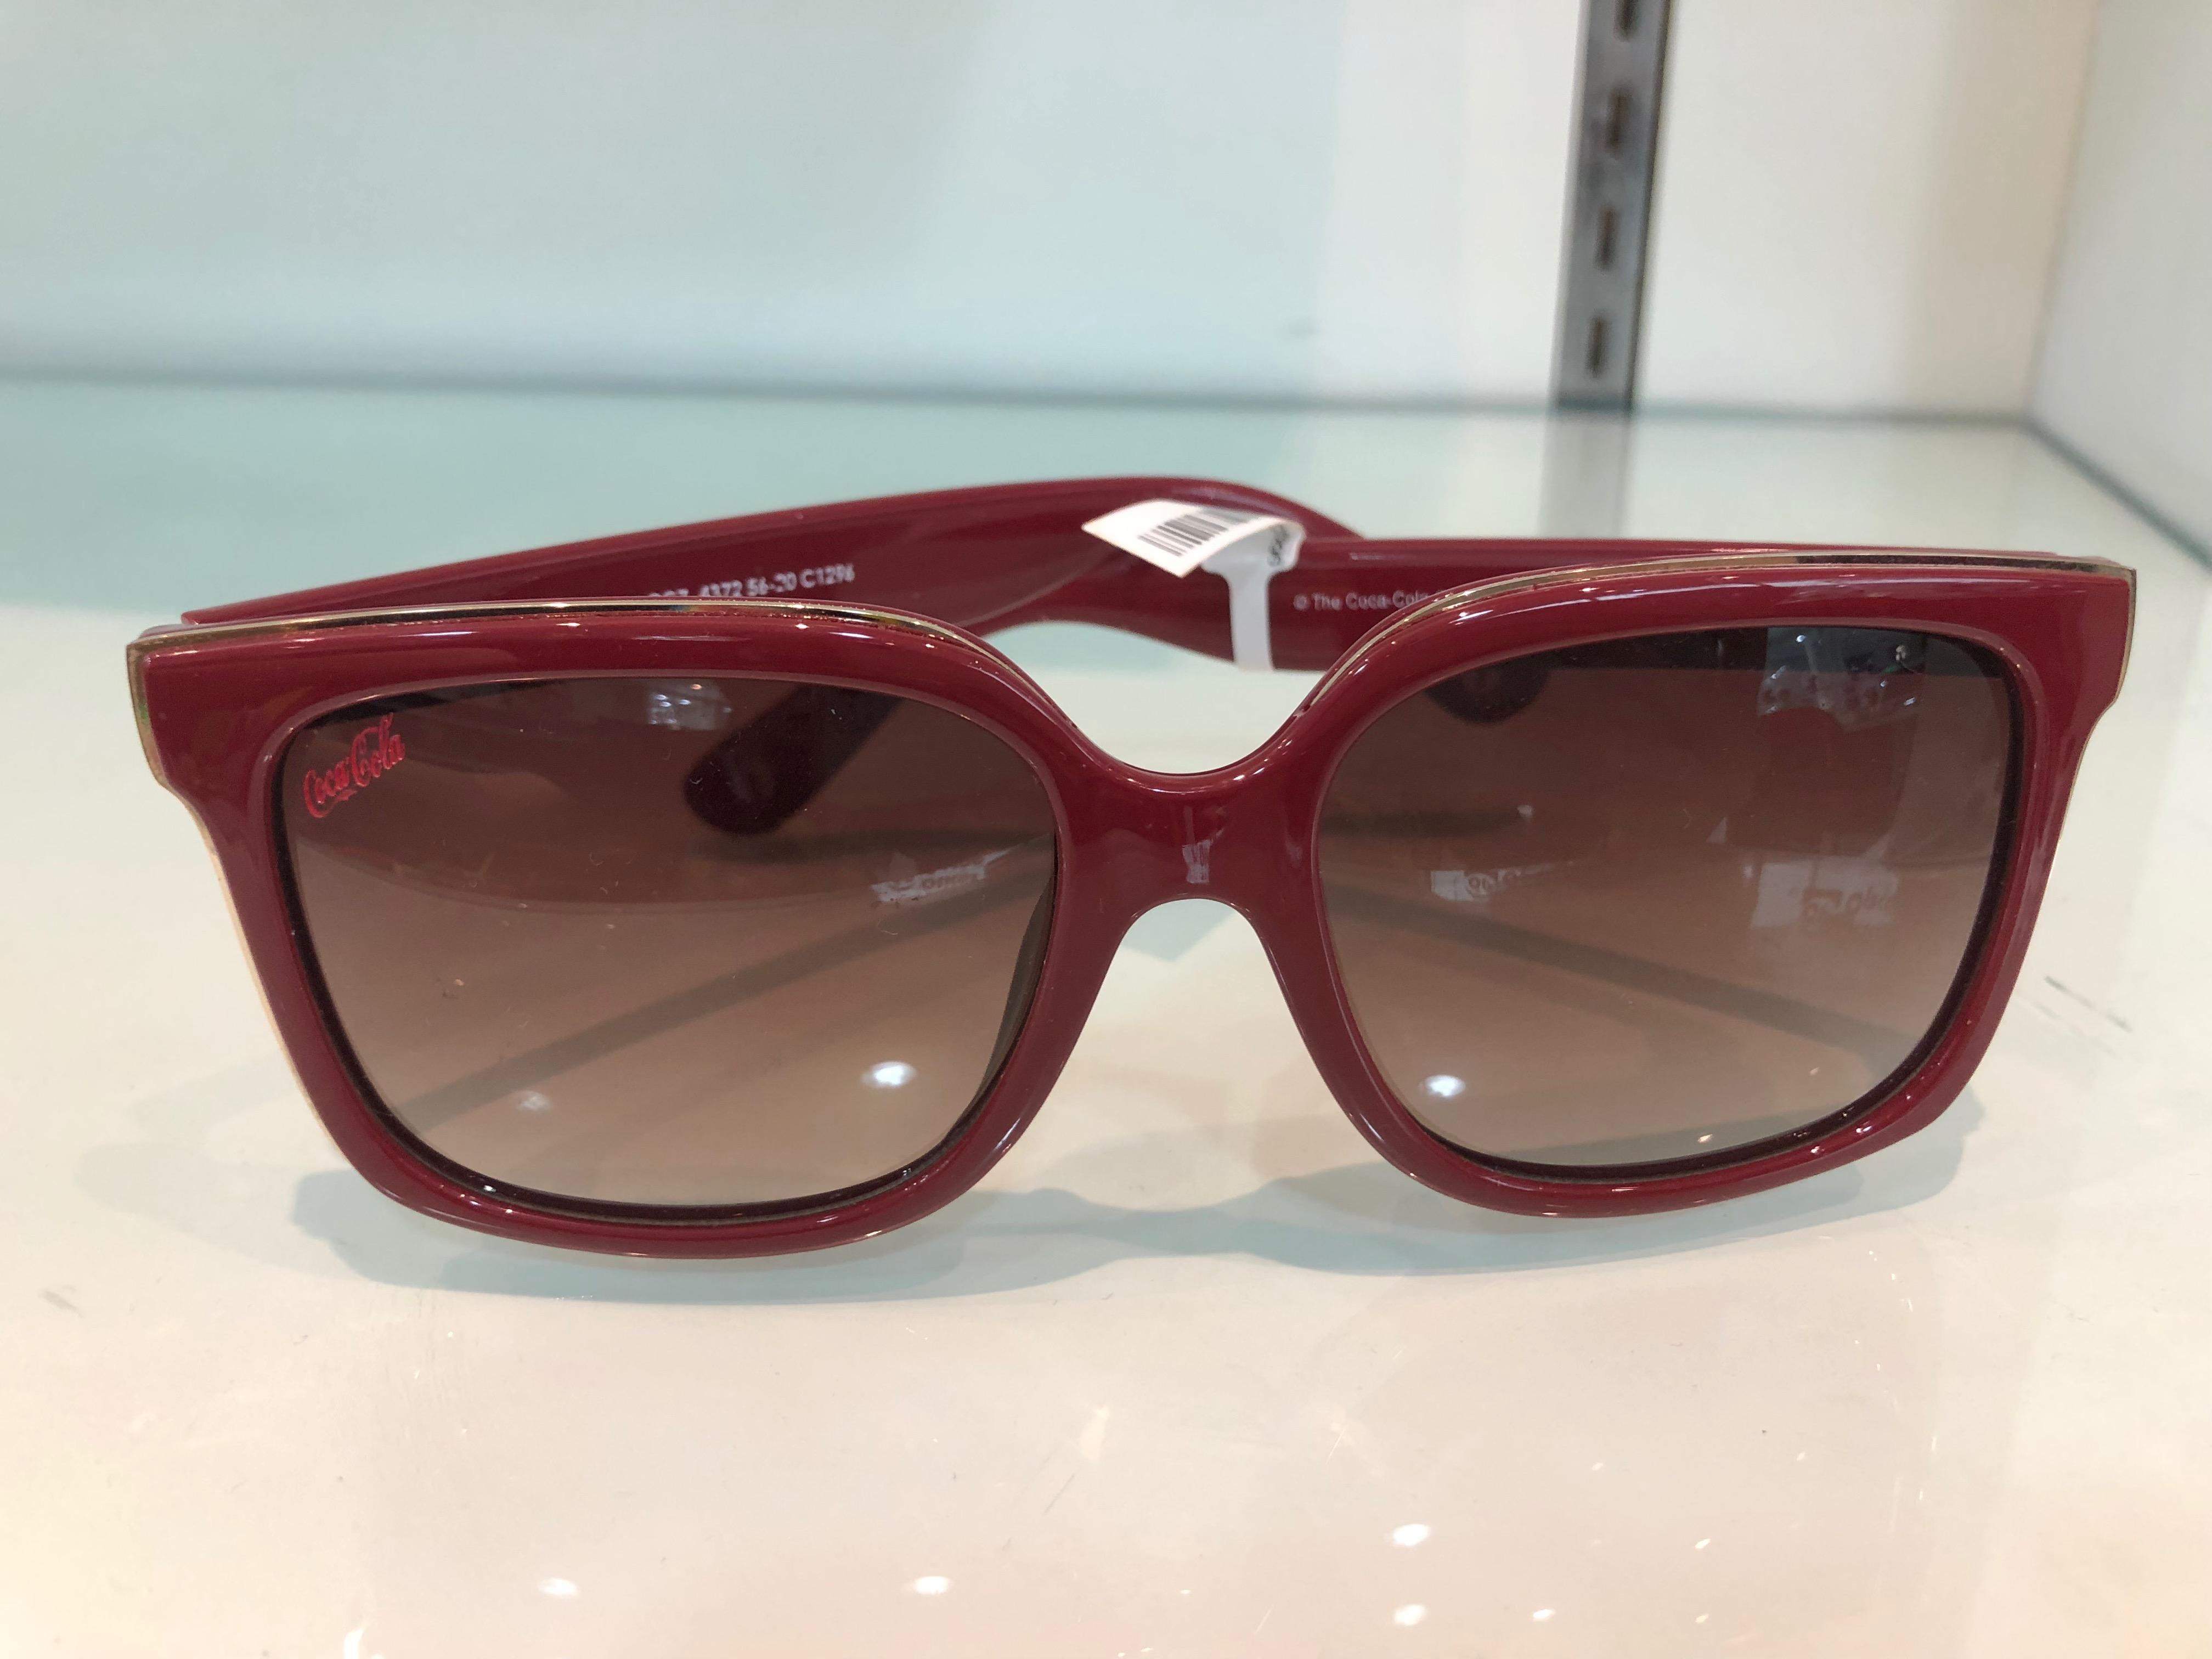 Óculos de sol vermelho Coca-Cola (Óticas Opção - Shopping Bela Vista) de R$ 199 por R$ 100 (49,74%)